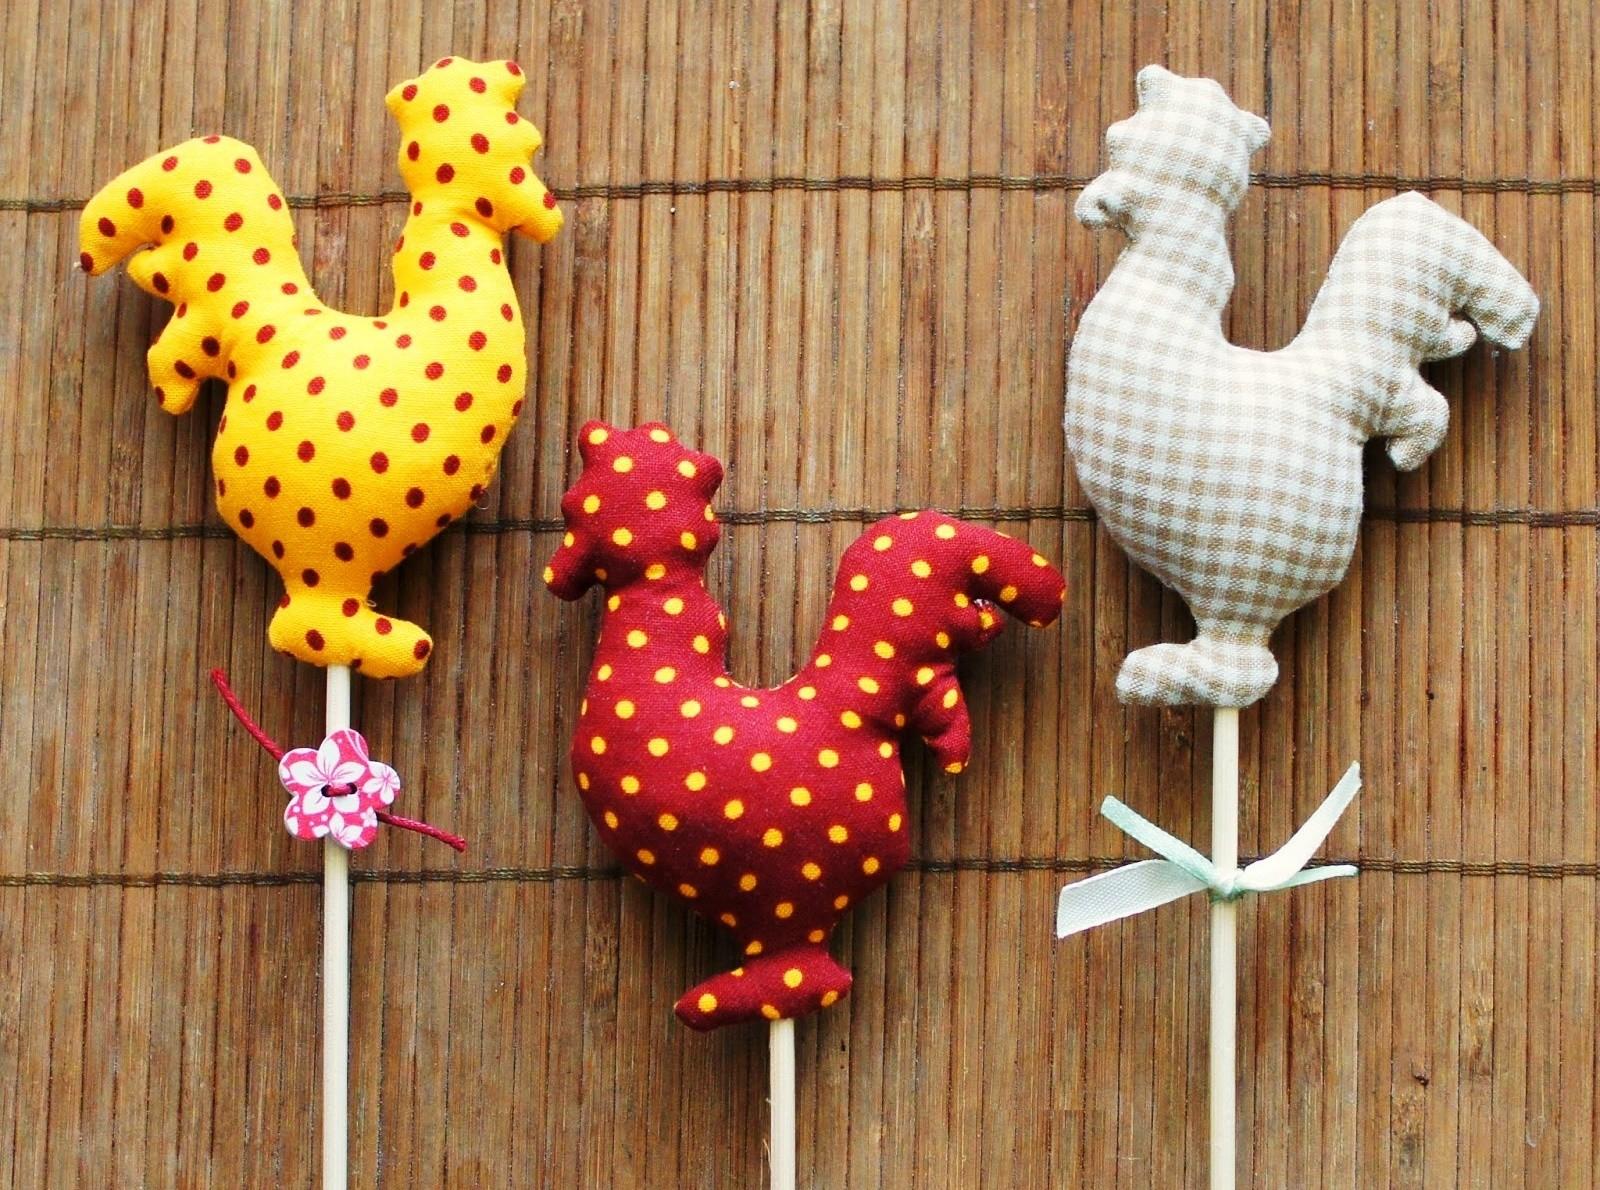 Выкройки мягких игрушек петушков (большая подборка) Укрась свой мир!